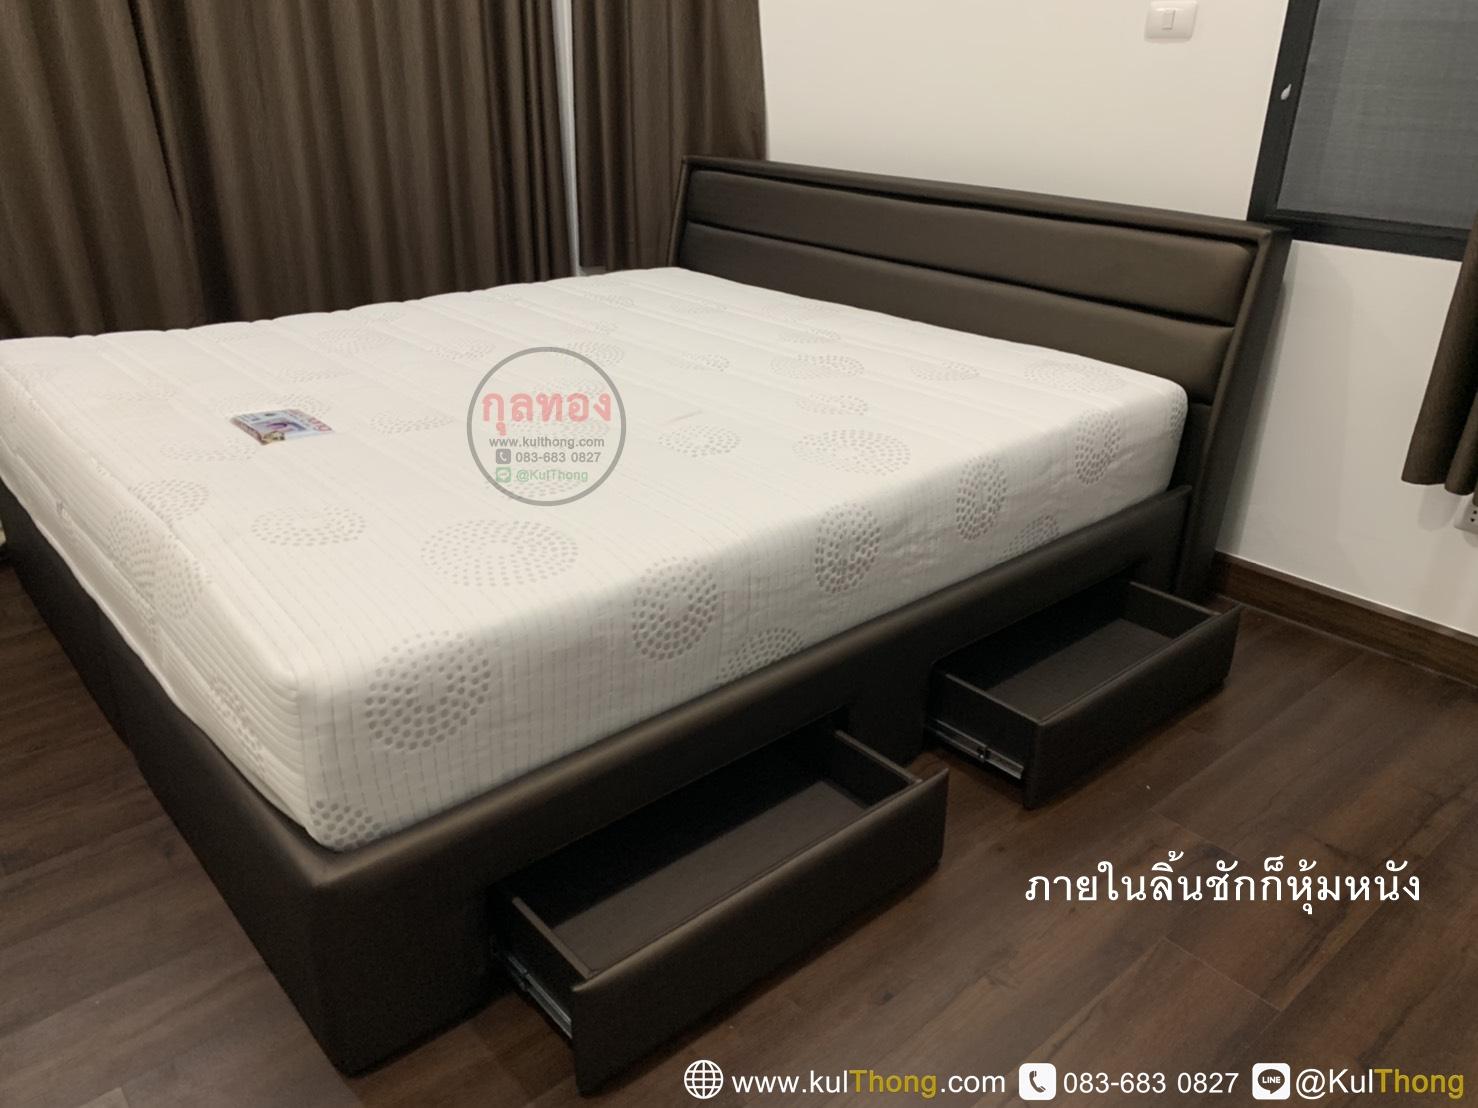 เตียงลิ้นชัก เตียงมีที่เก็บของ เตียงประหยัดพื้นที่ เตียงหุ้มหนัง